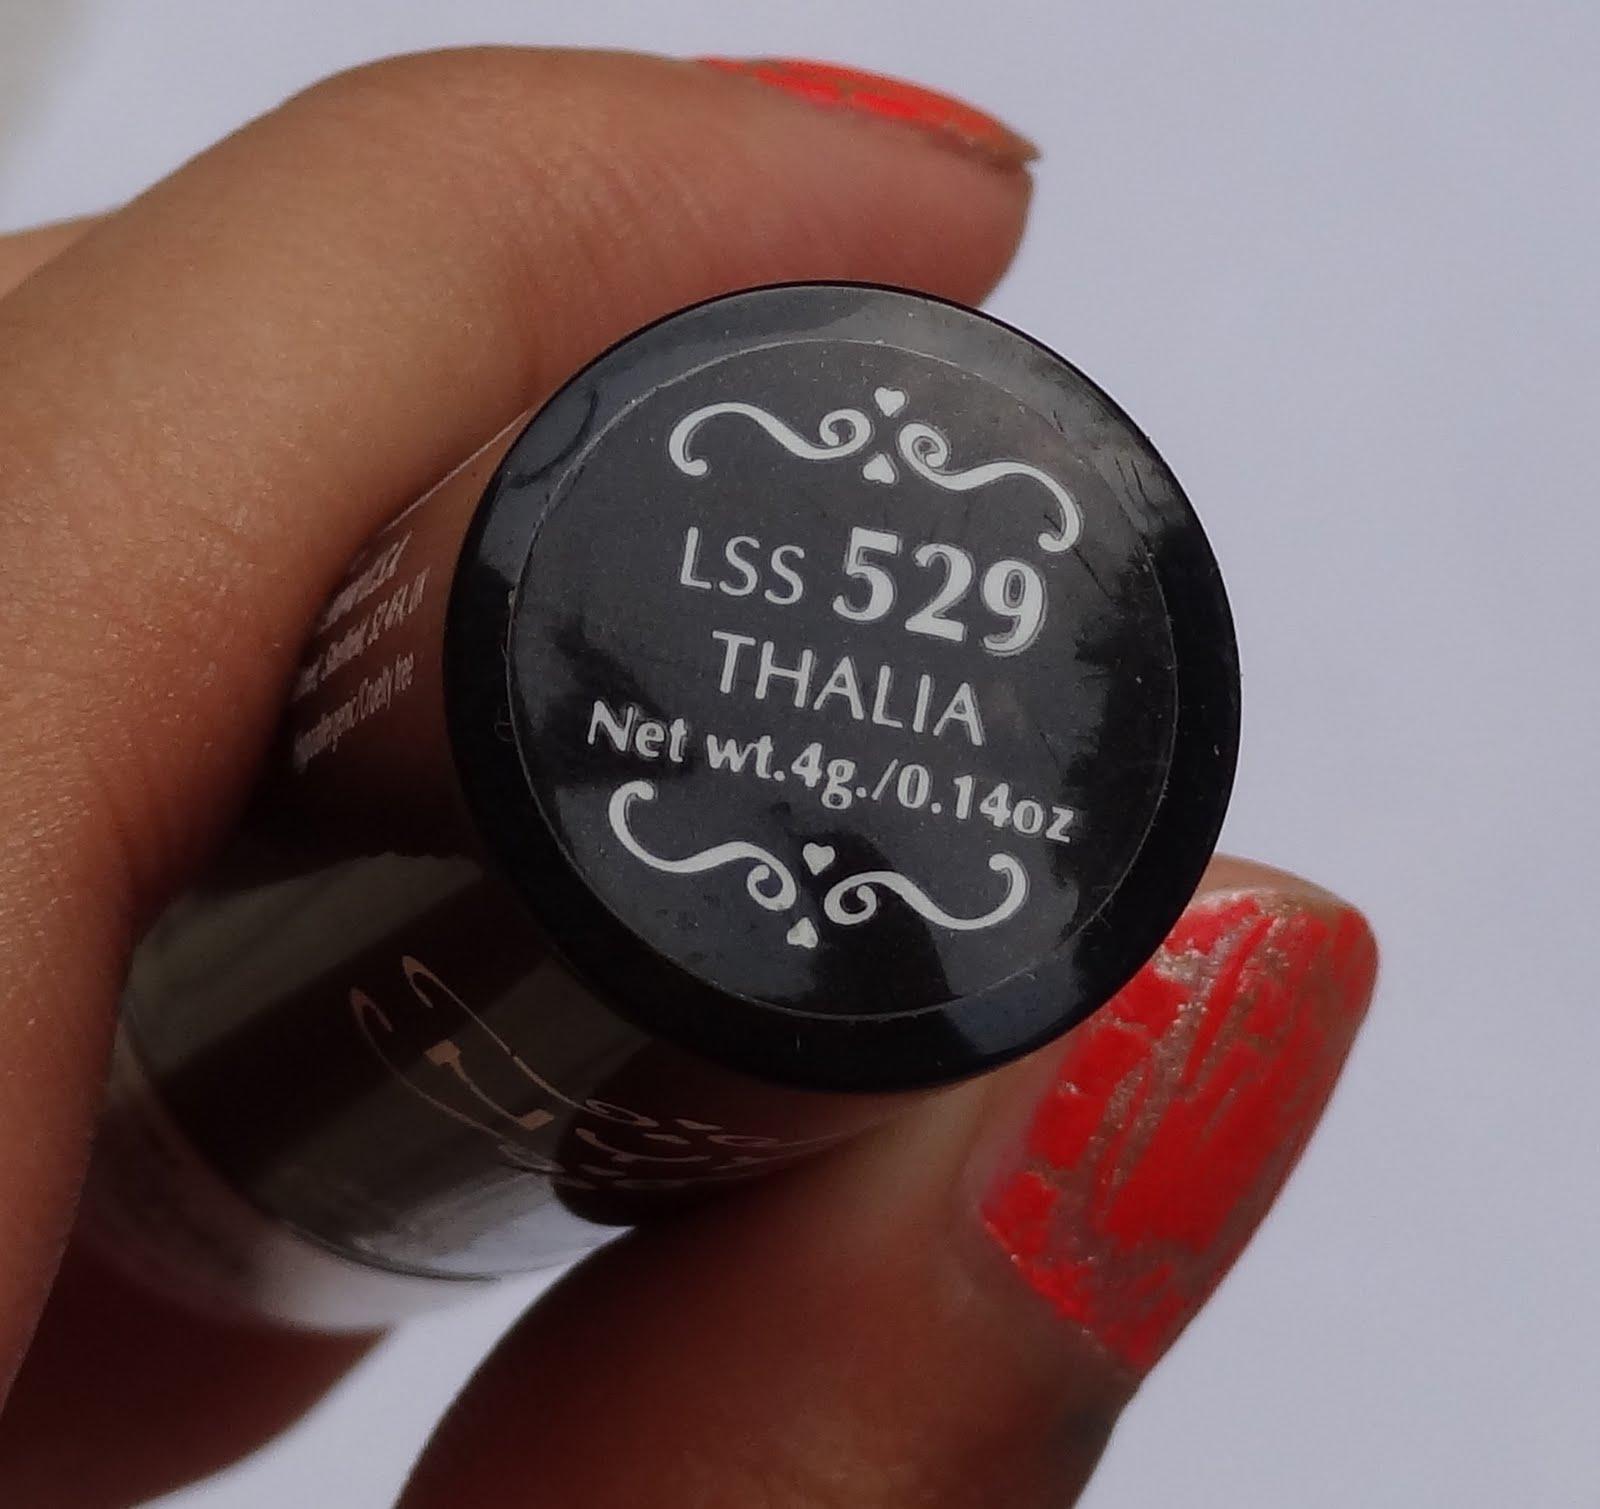 nyx thalia lipstick swatches review photos